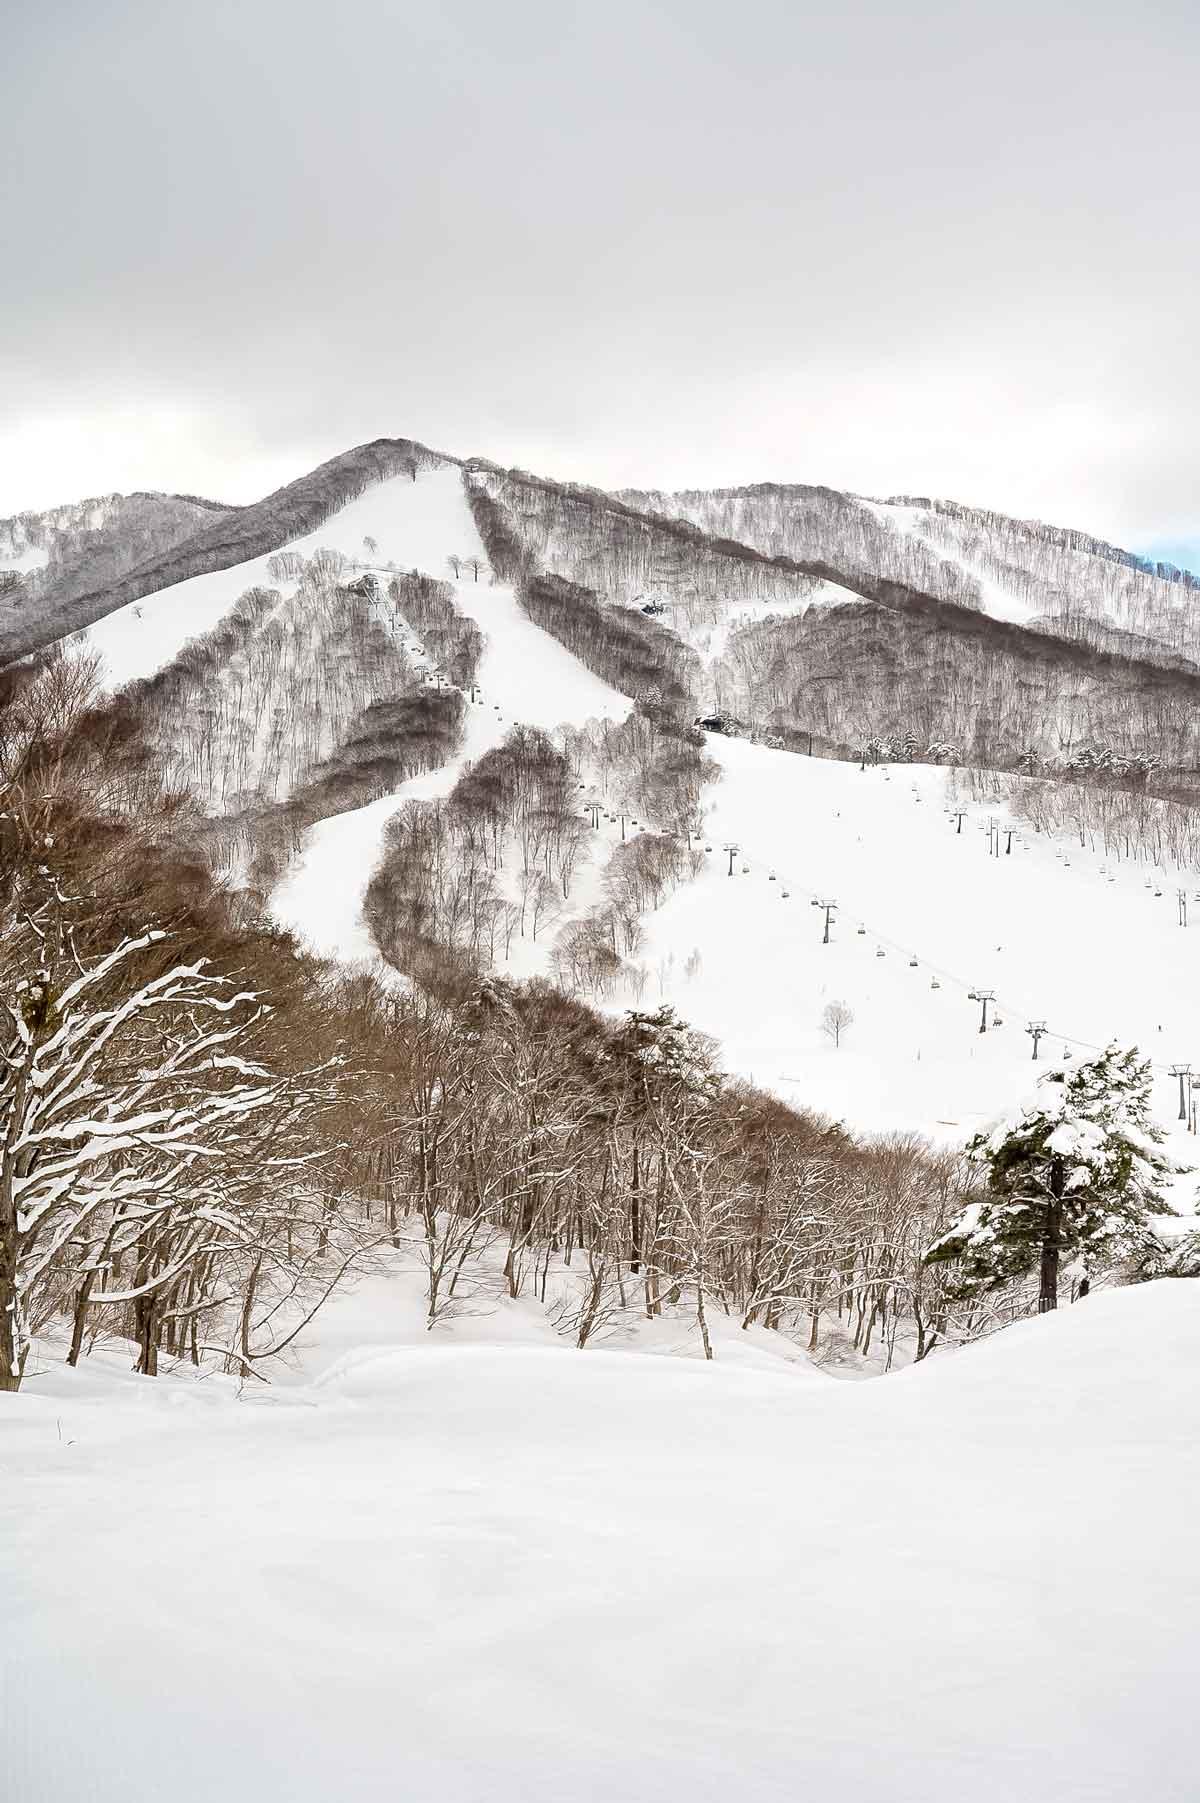 Madarao Mountain, Iiyama (Nagano prefecture)